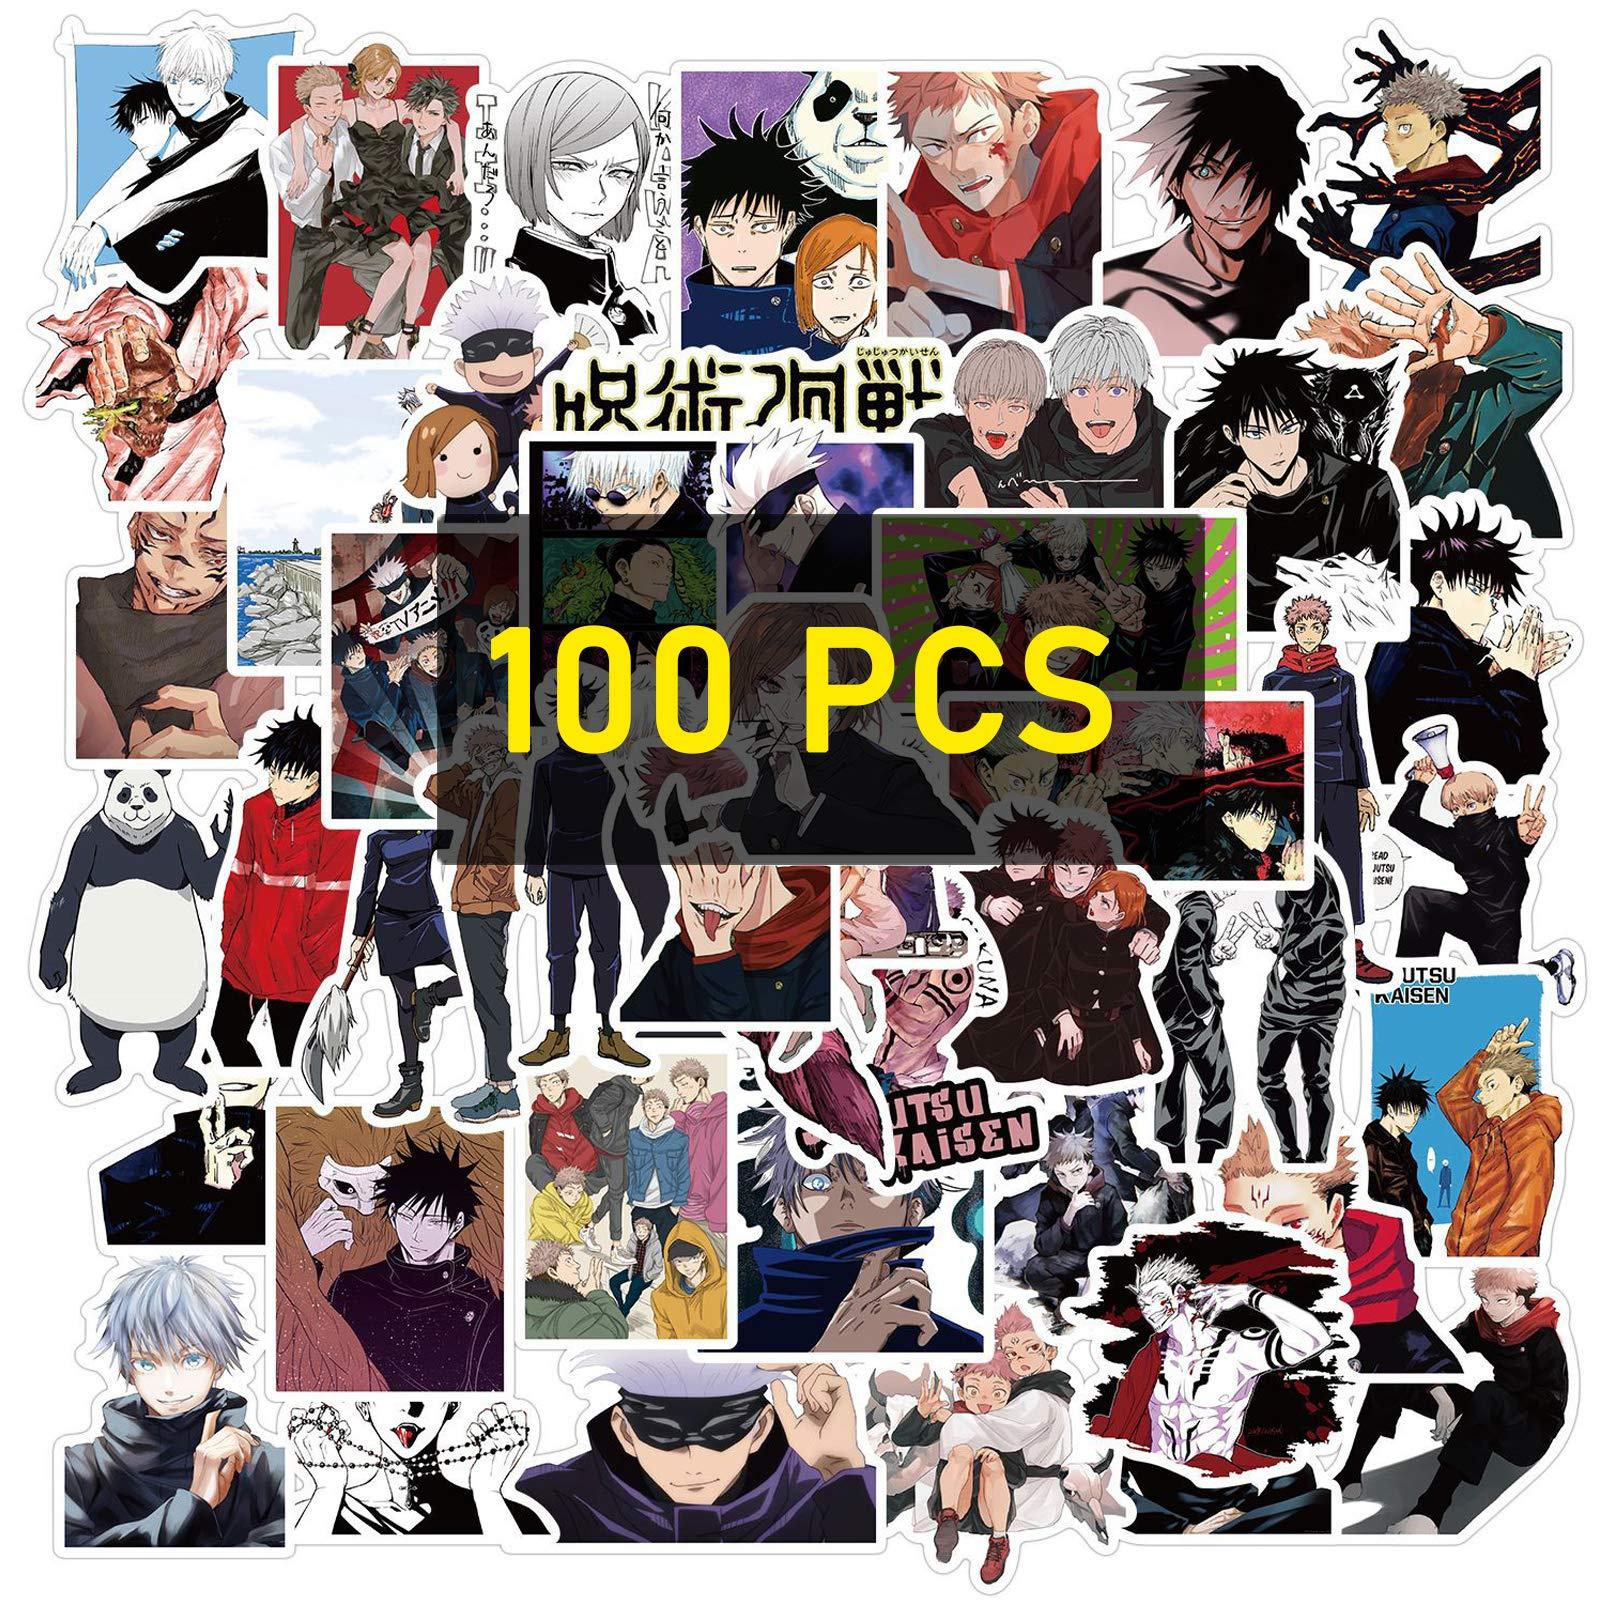 Amazon Com Jujutsu Kaisen Stickers 100pcs Jujutsu Kaisen Manga Sticker Pack For Kids Teens Adults 100pcs Jujutsu Kaisen Kitchen Dining